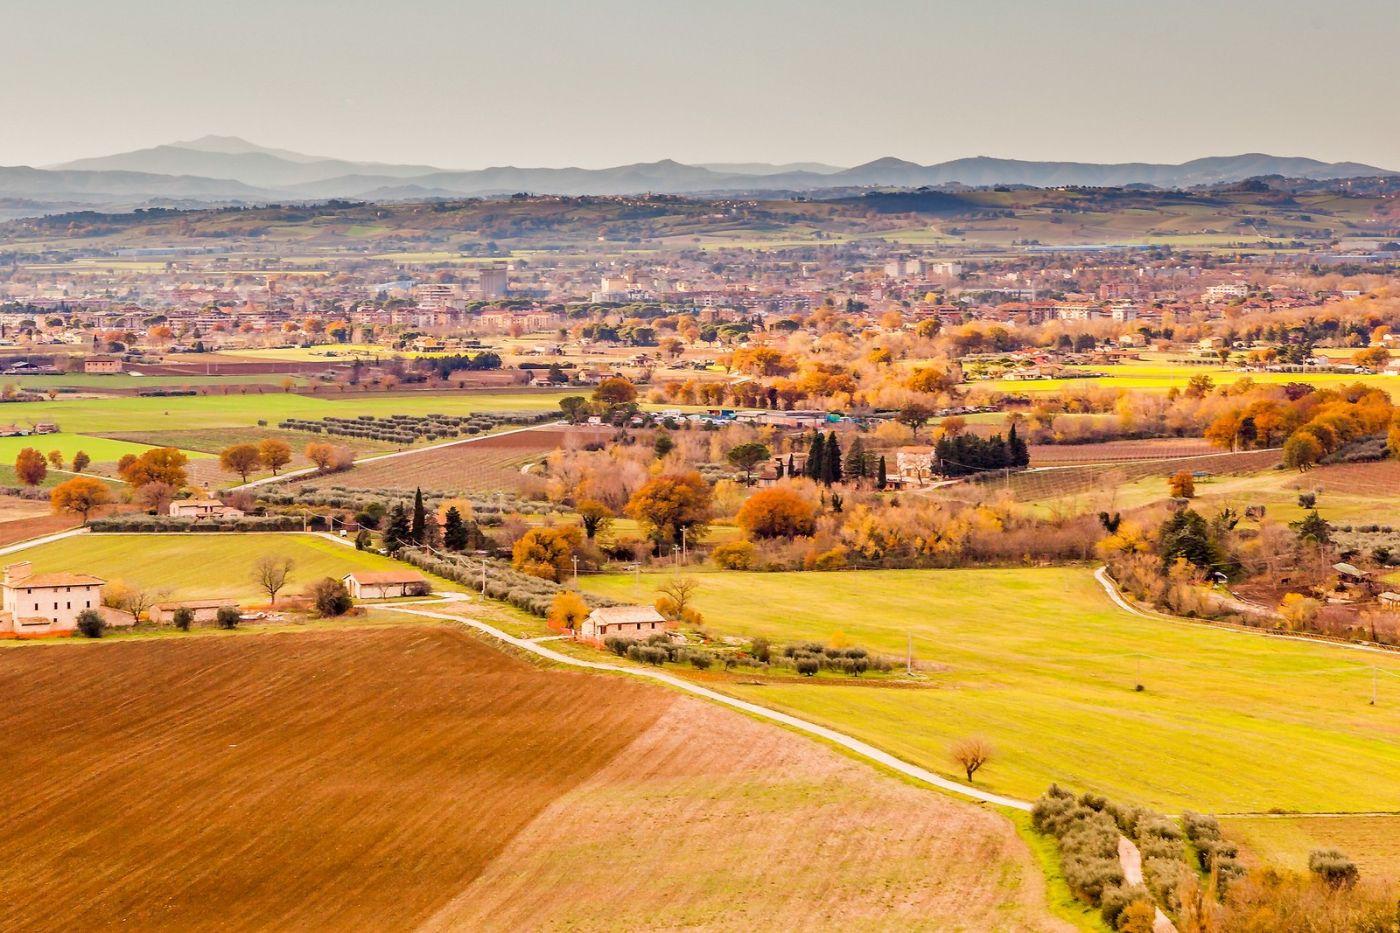 意大利阿西西(Assisi), 登高放眼_图1-16